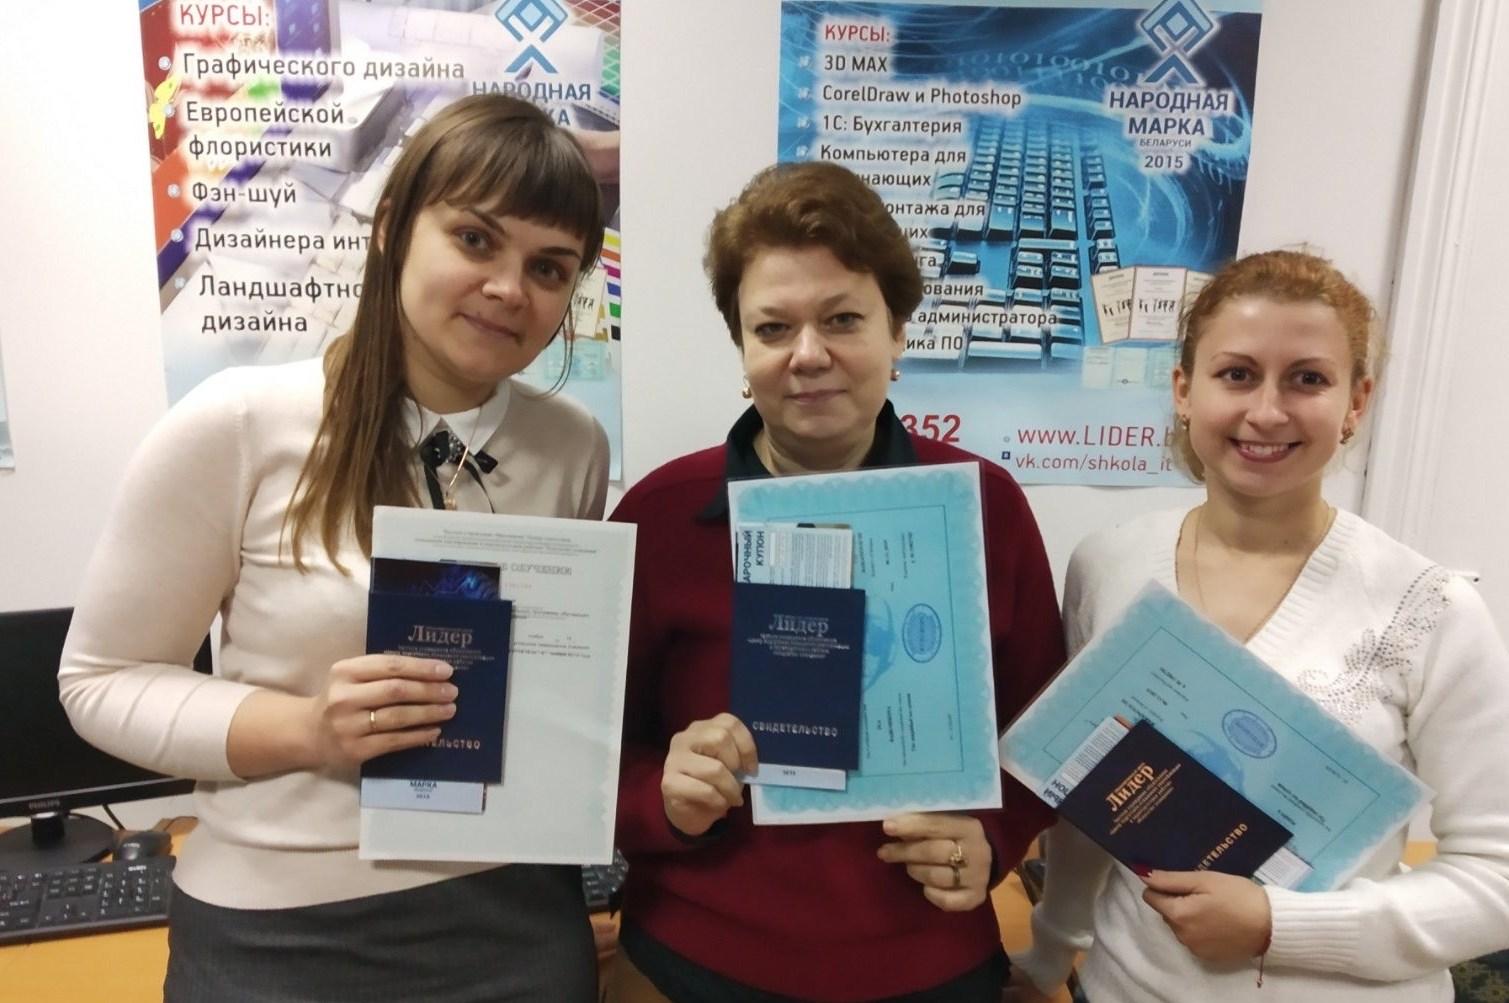 Курсы упрощенной системы налогообложения в Барановичах